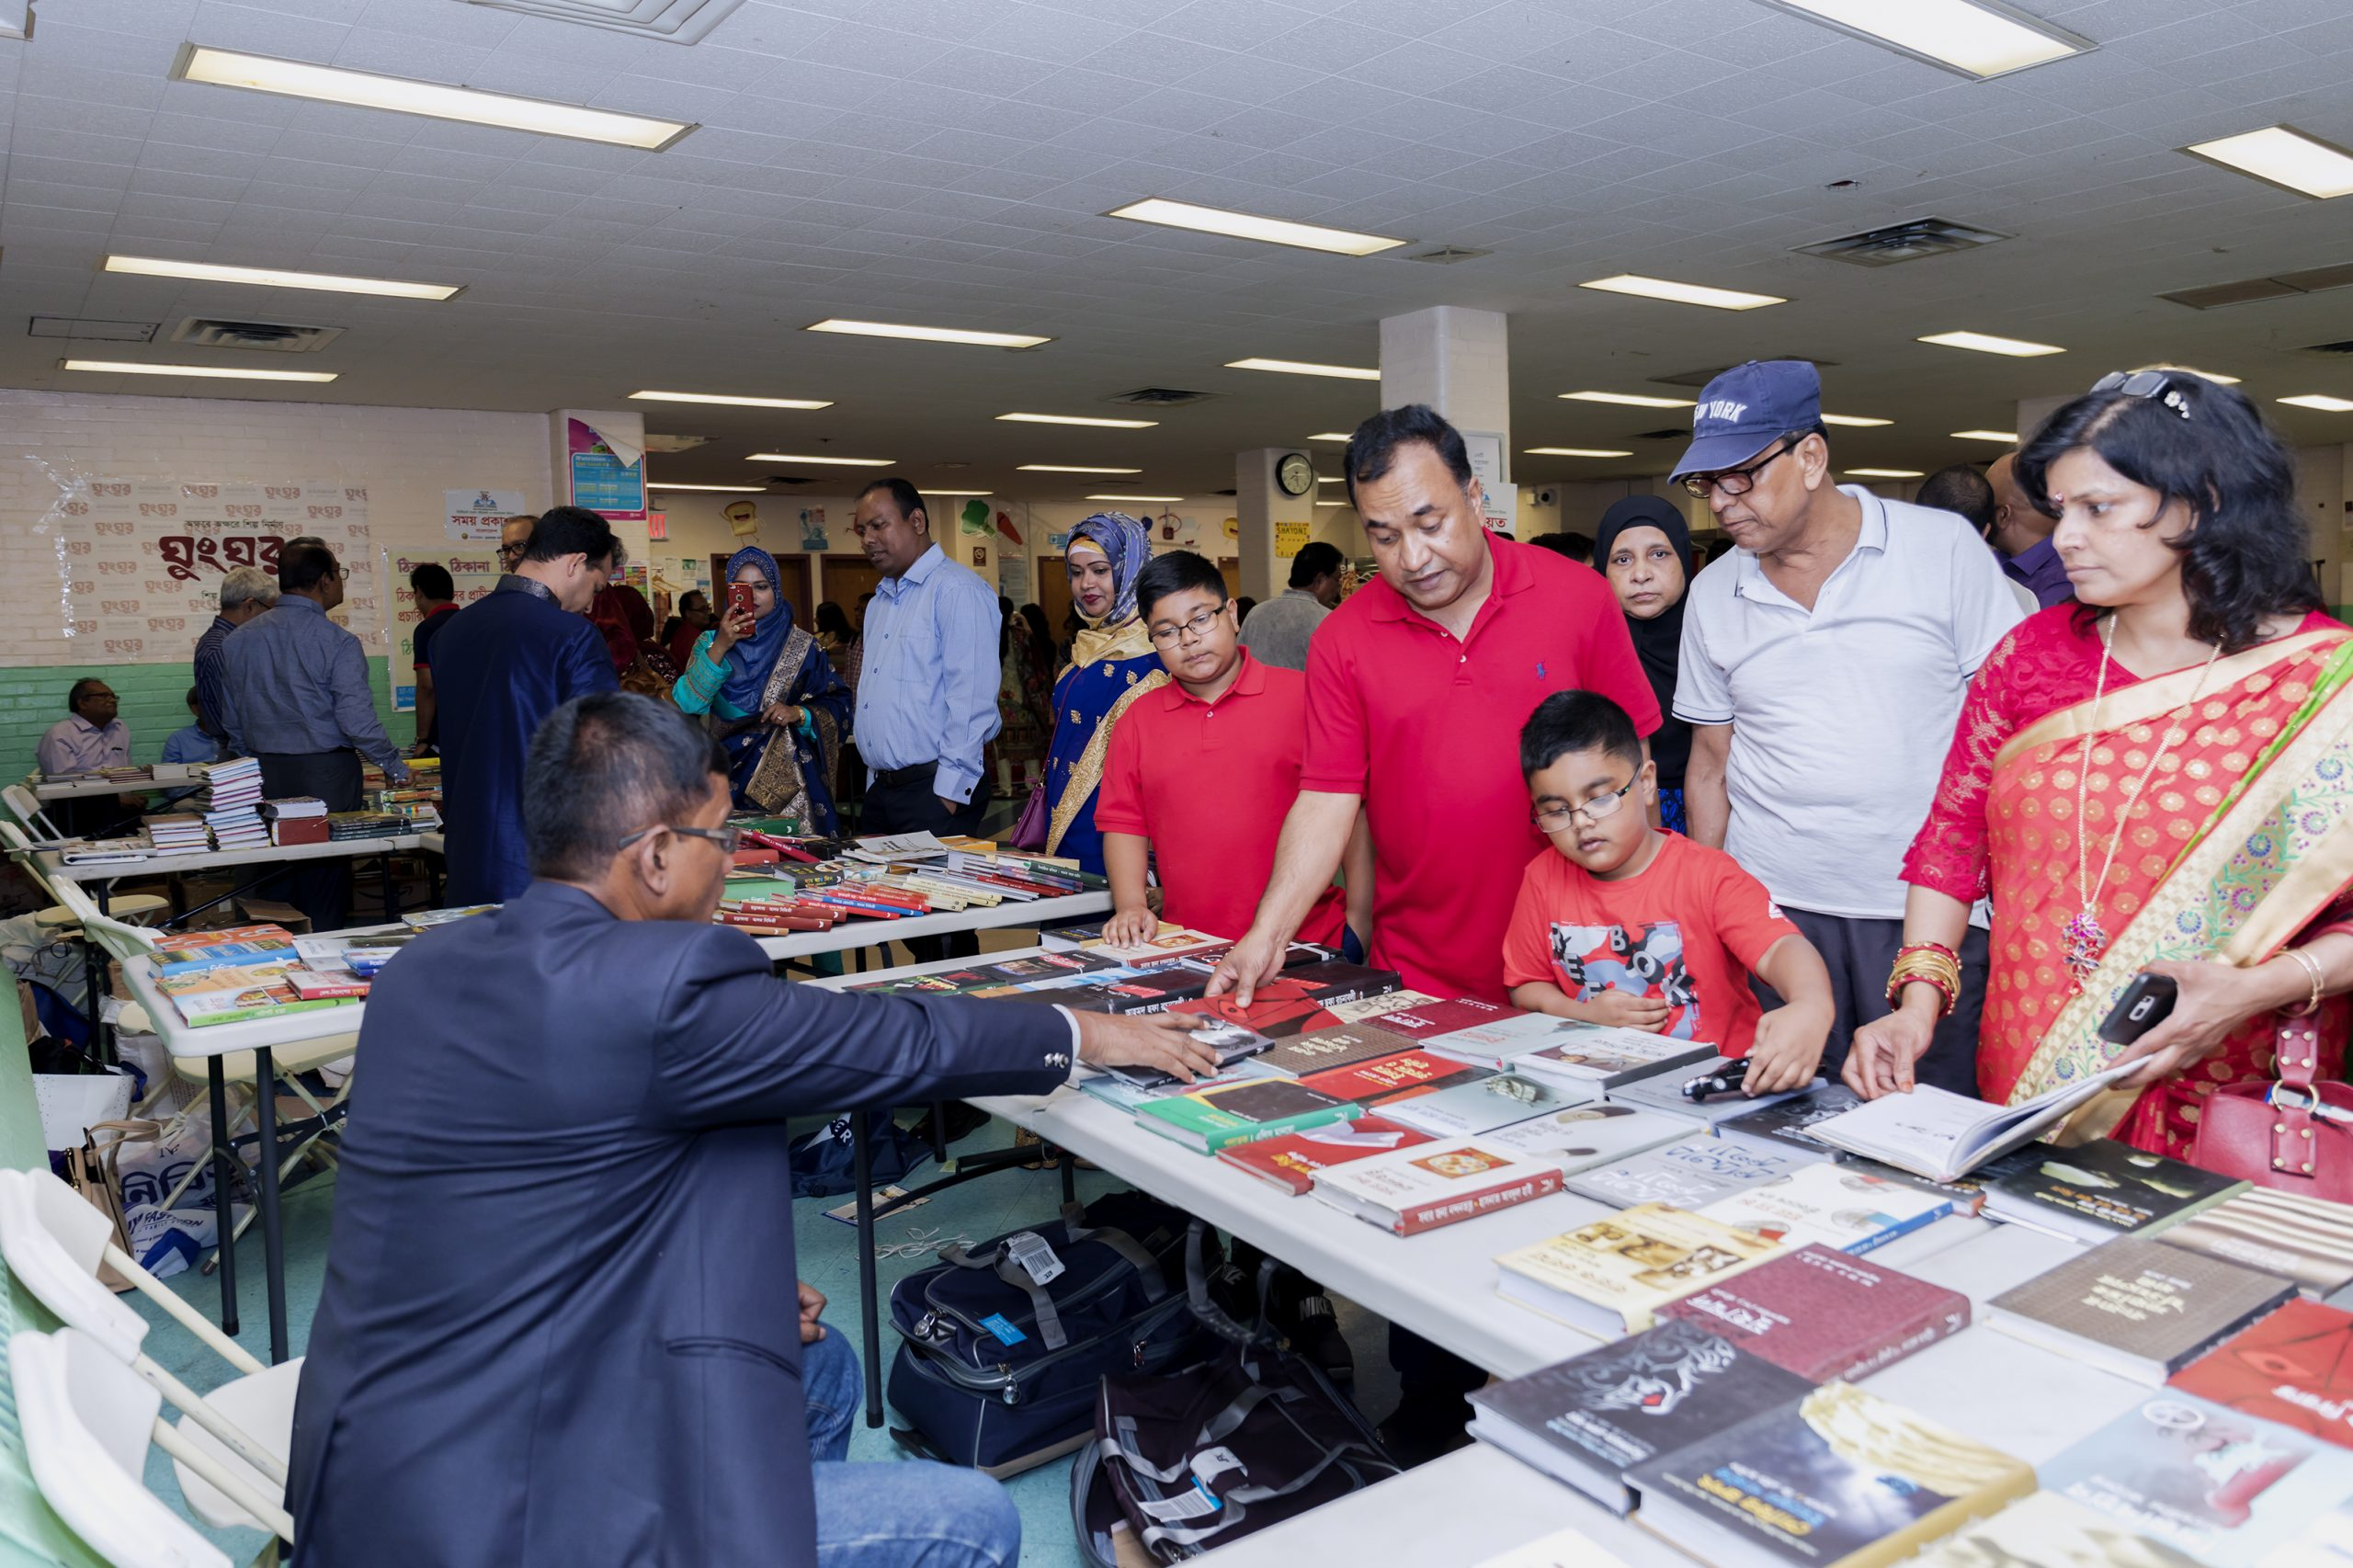 Sandesh Prakashani Book Stall at the New York Bangla Boimela 2019